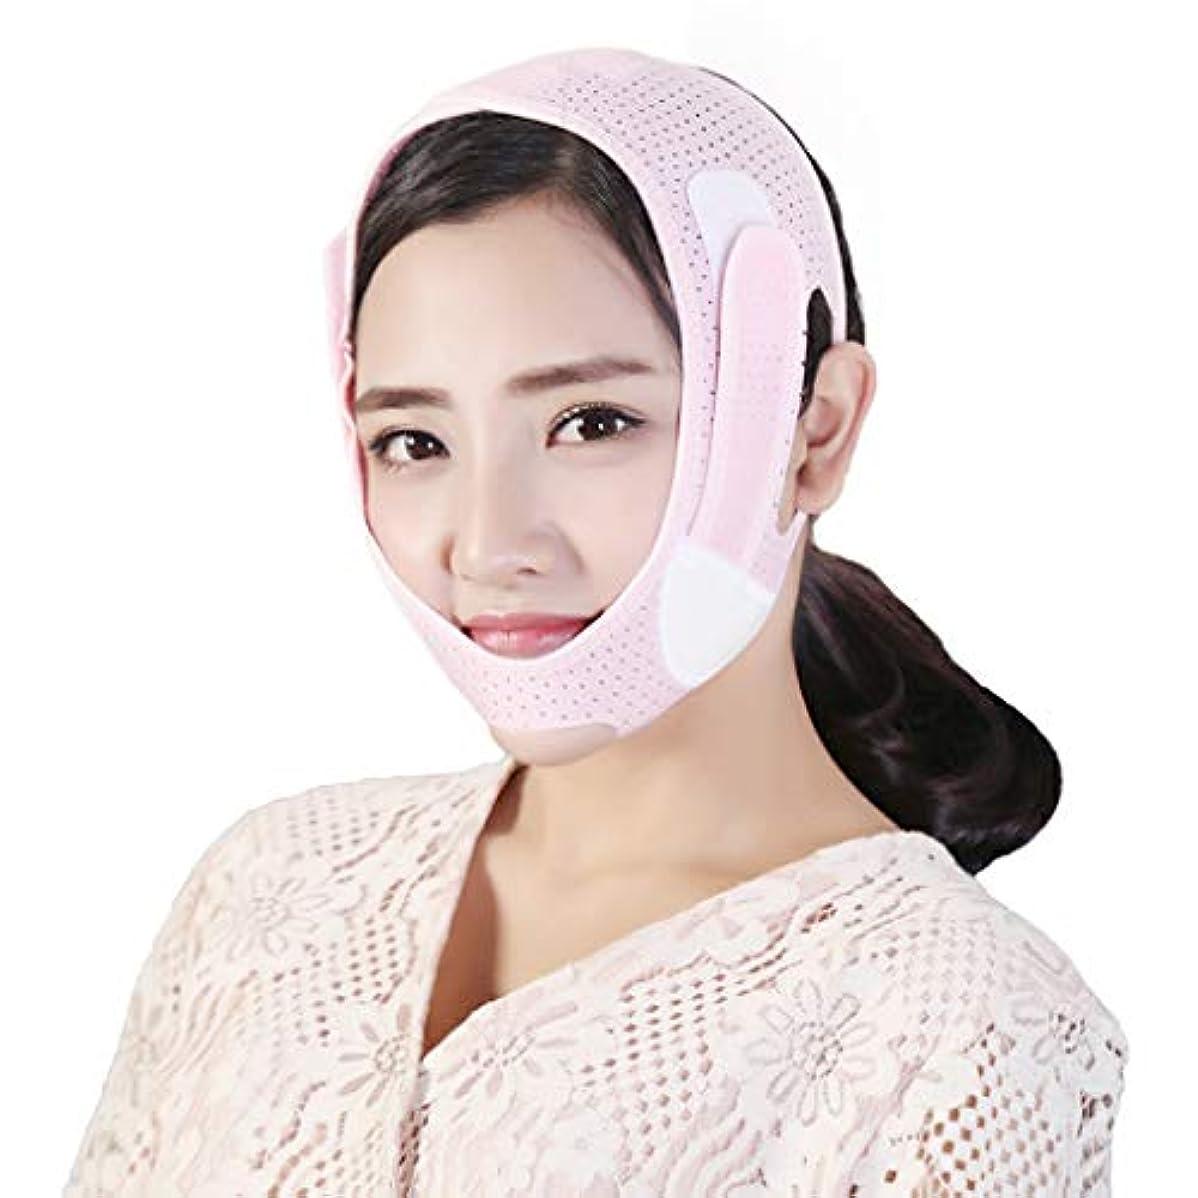 味わう子豚橋減量マスク薄い顔のマスクV顔の薄い顔の咬筋ダブル顎の包帯睡眠マスクの通気性